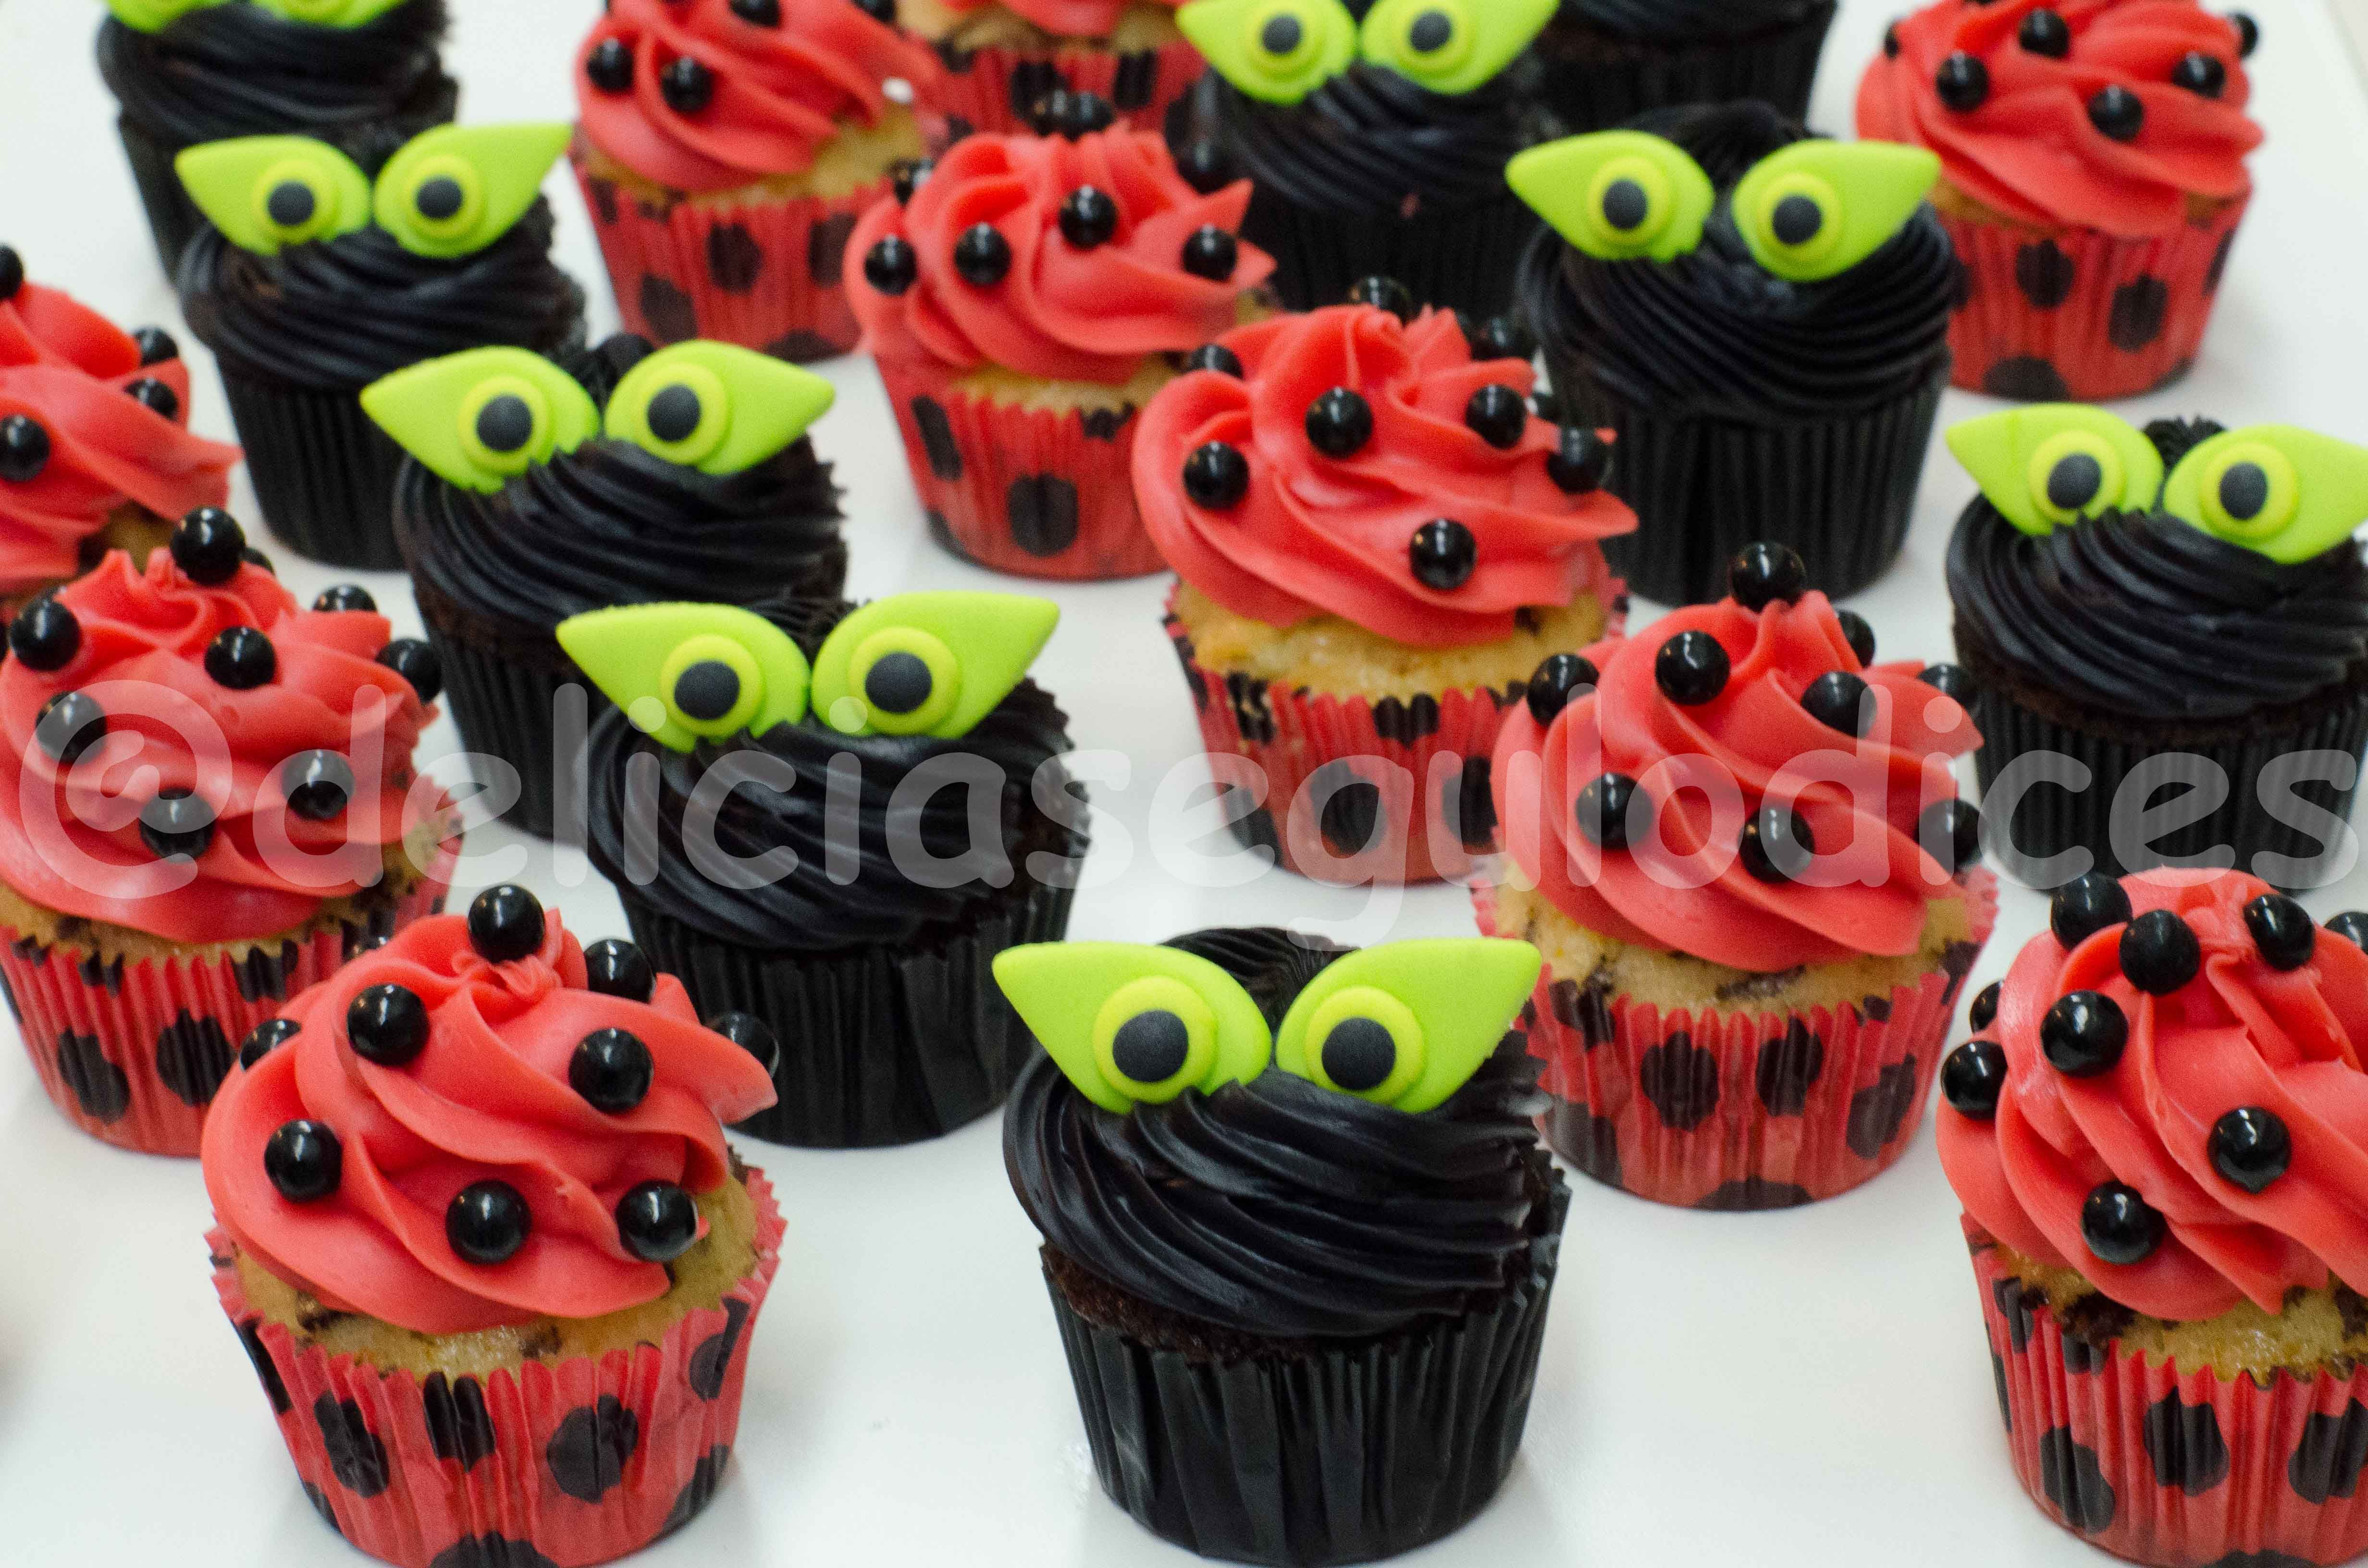 Miraculous Ladybug Ladybug Birthday Cupcakes Miraculous Ladybug Party Ladybug Birthday Party